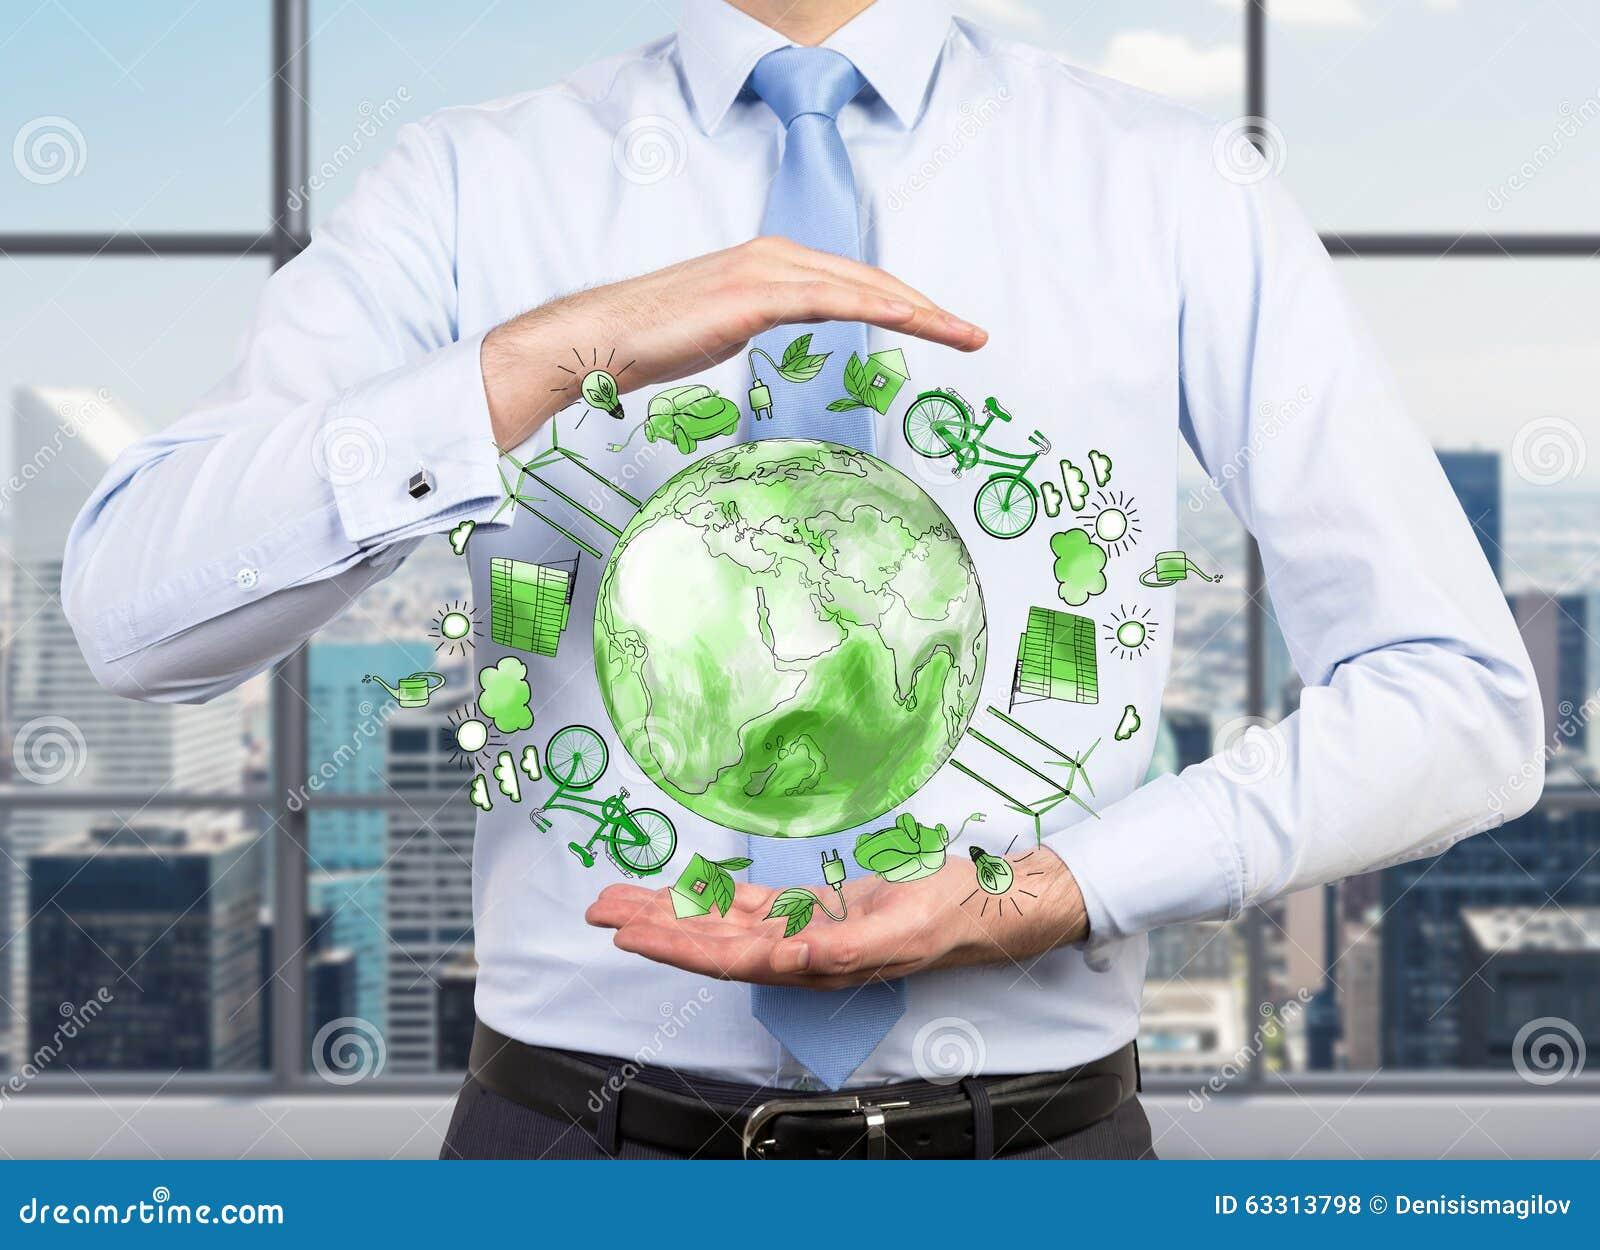 Bemannen Sie das Interessieren für saubere Umwelt, eco Energie, Schutz